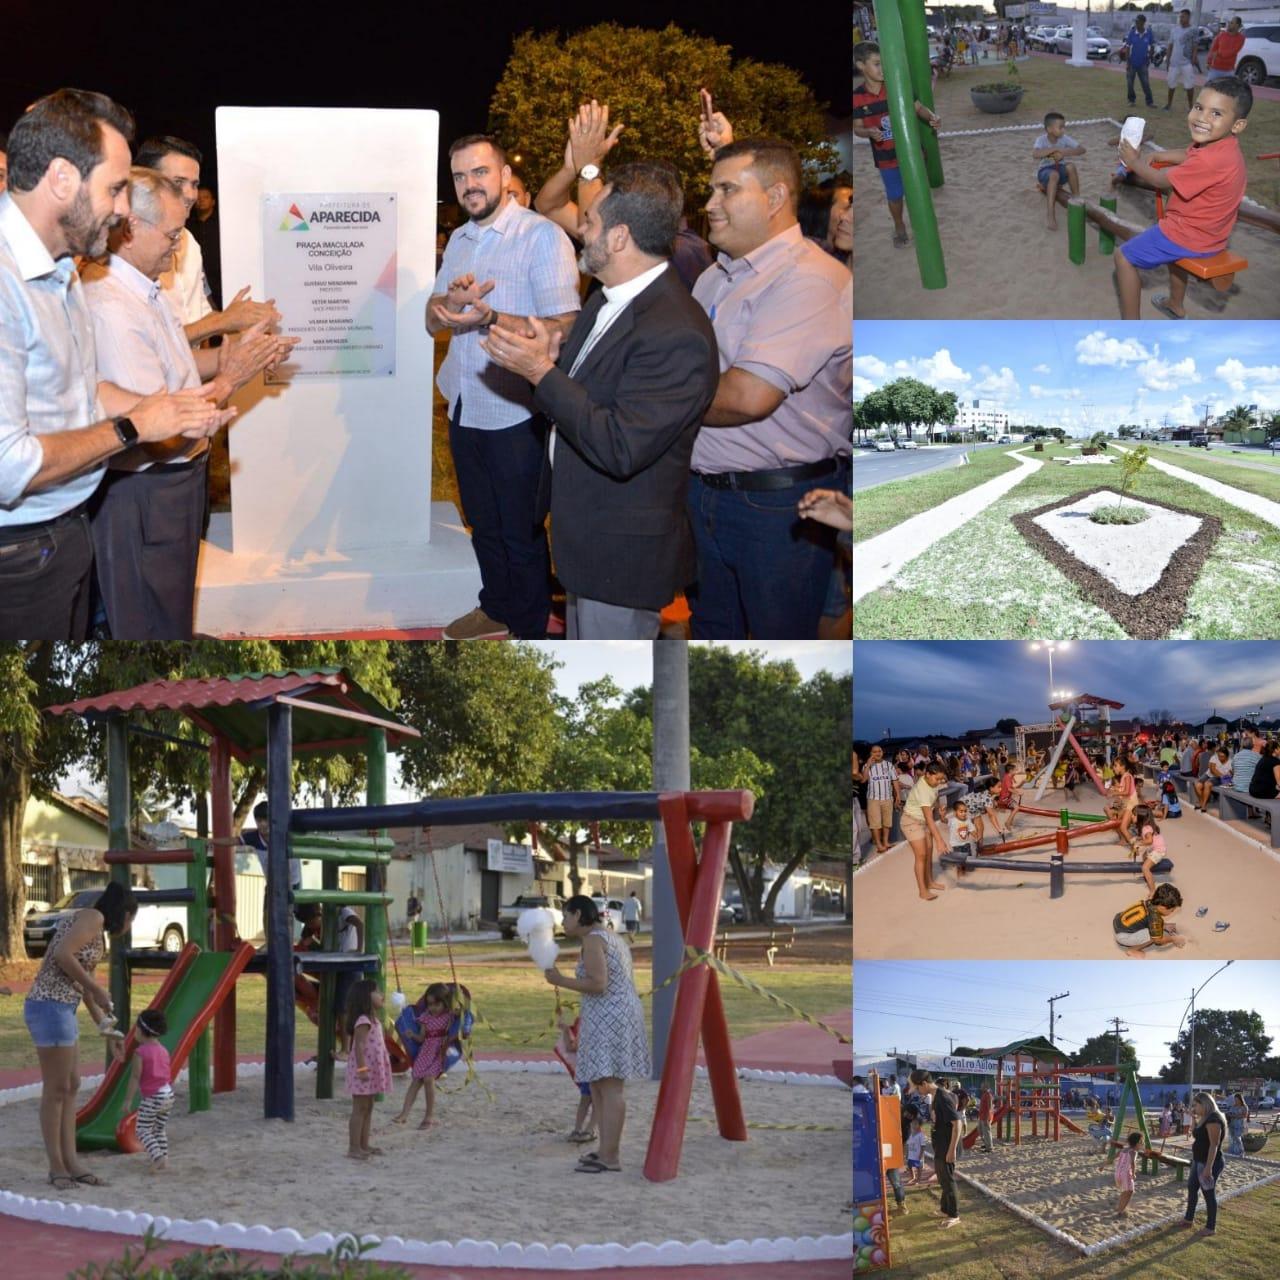 Praças levam beleza e saúde aos bairros de Aparecida de Goiânia